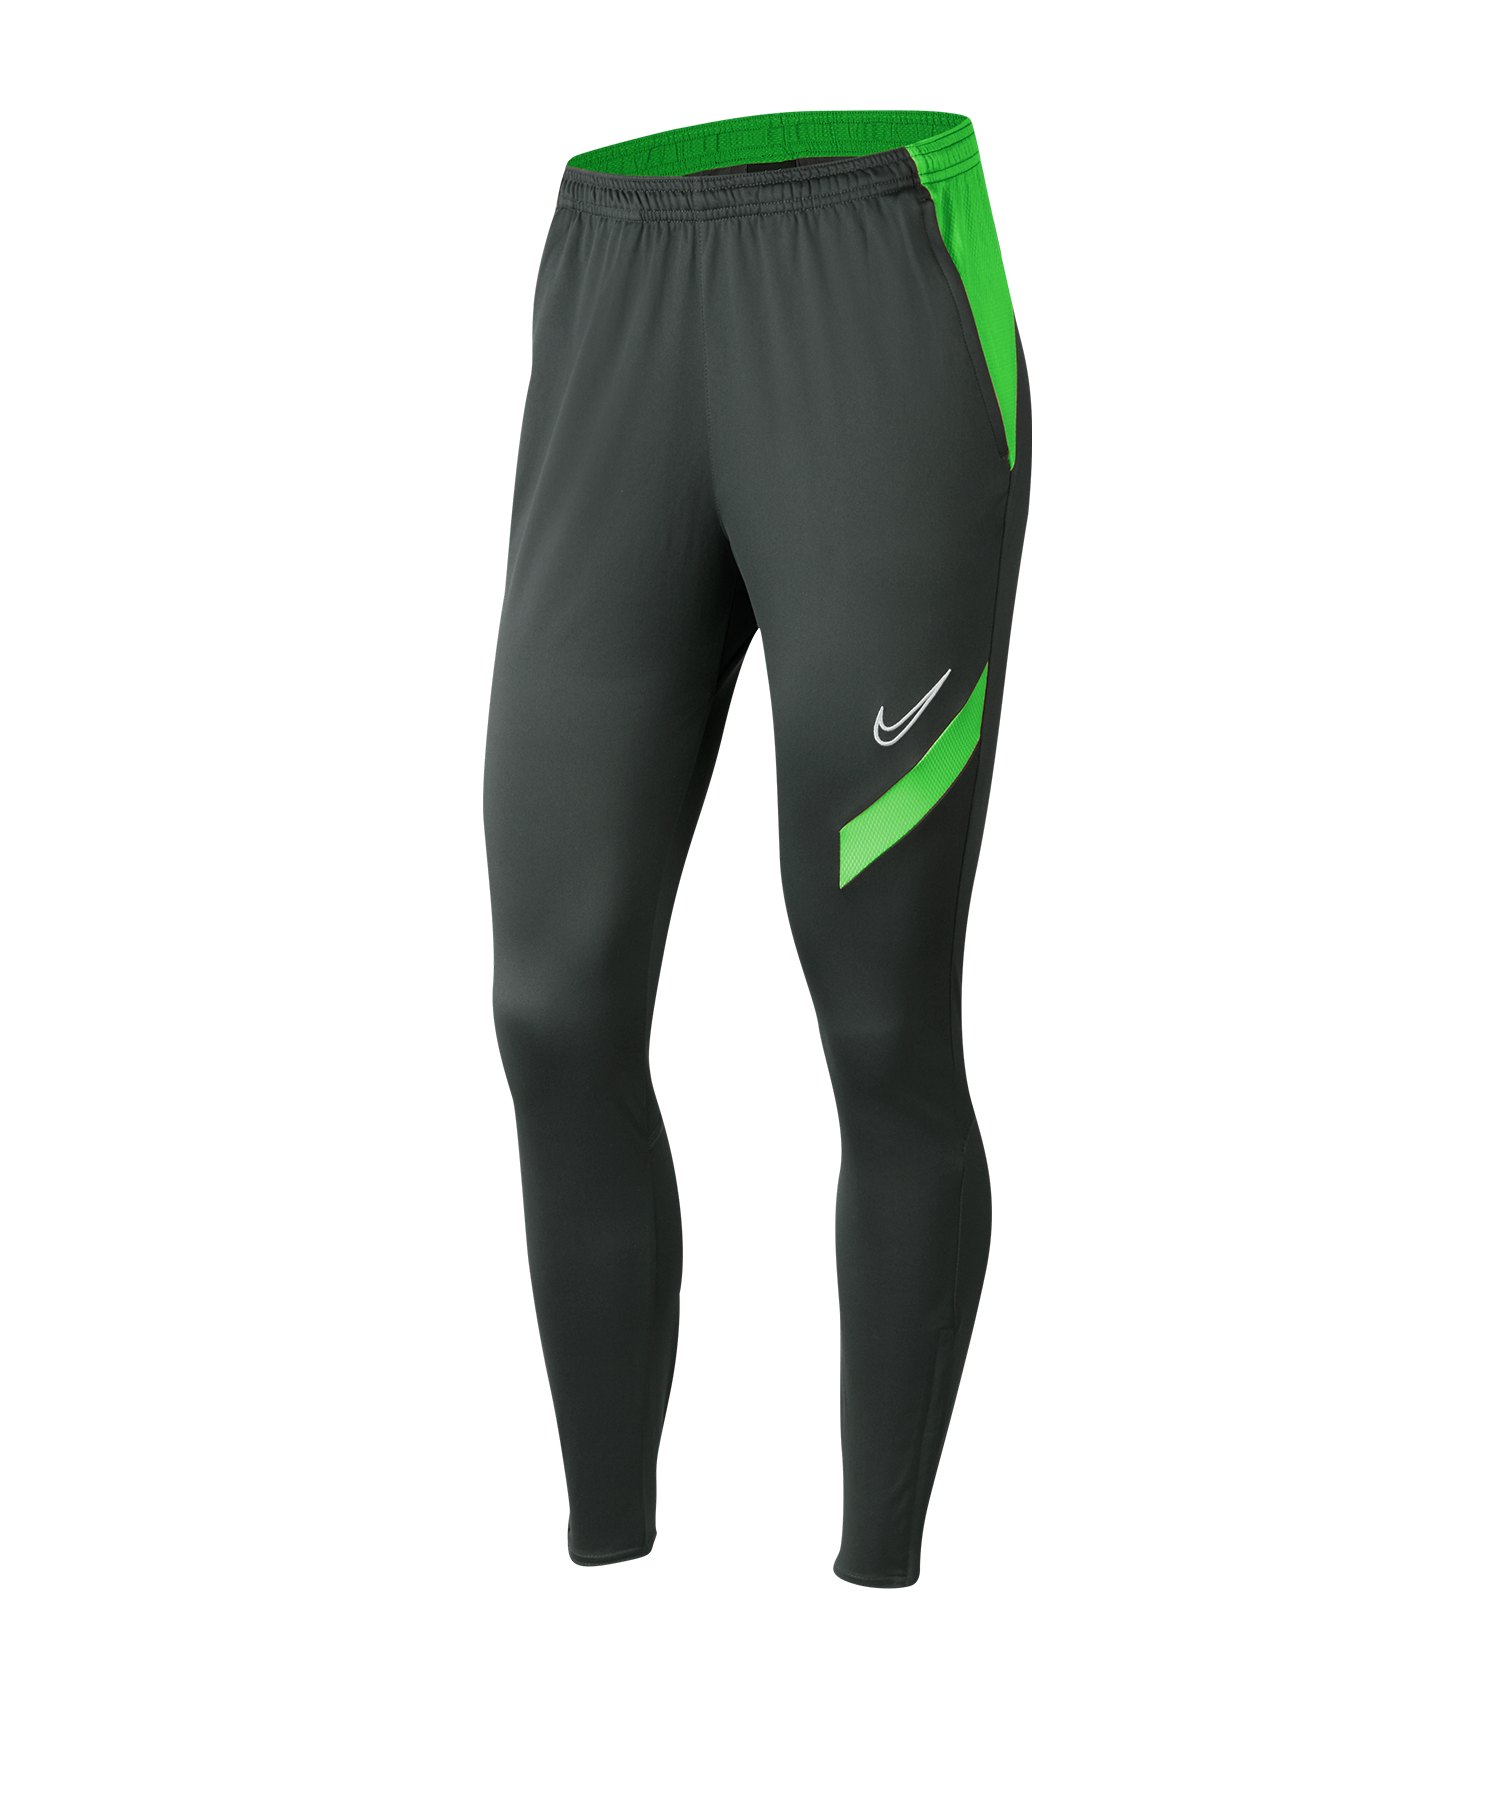 Nike Academy Pro Pants Damen Grau Grün F062 - grau